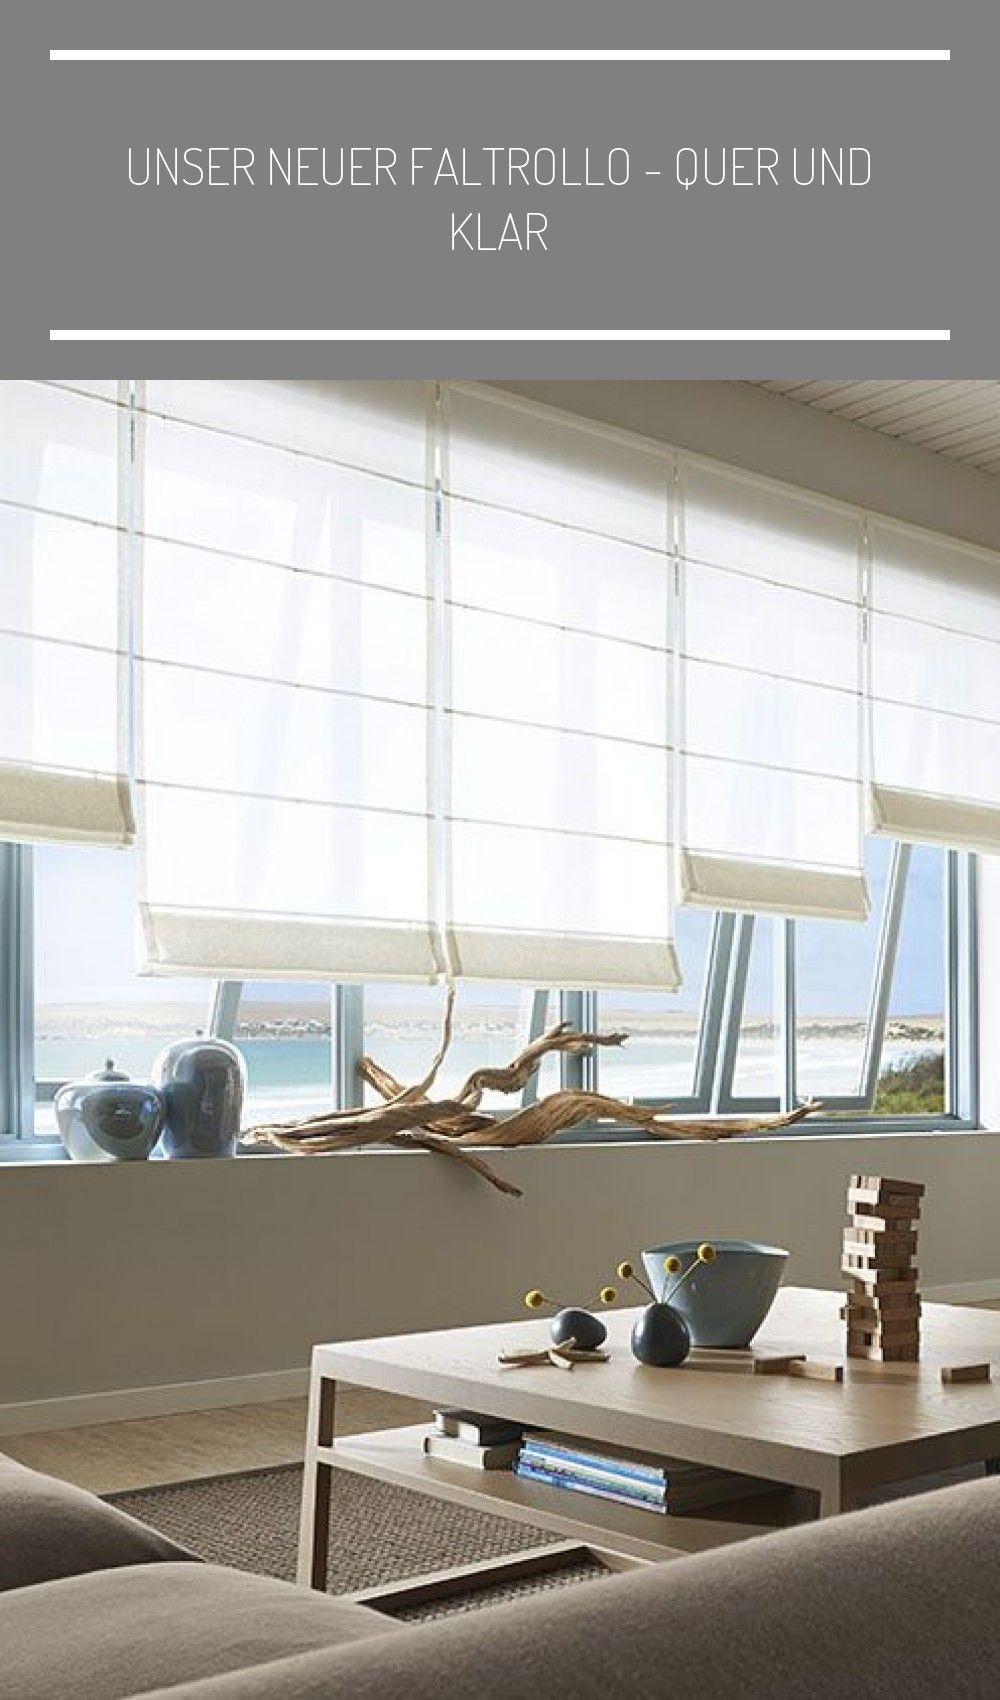 Die Neue Variante Vom Raffrollo Ist Das Faltrollo Es Besticht Durch Seine Gradlinigkeit Die Durch Die Eingearbeiteten Querstabe Erzeugt Wird Wohn Esszimmer In 2020